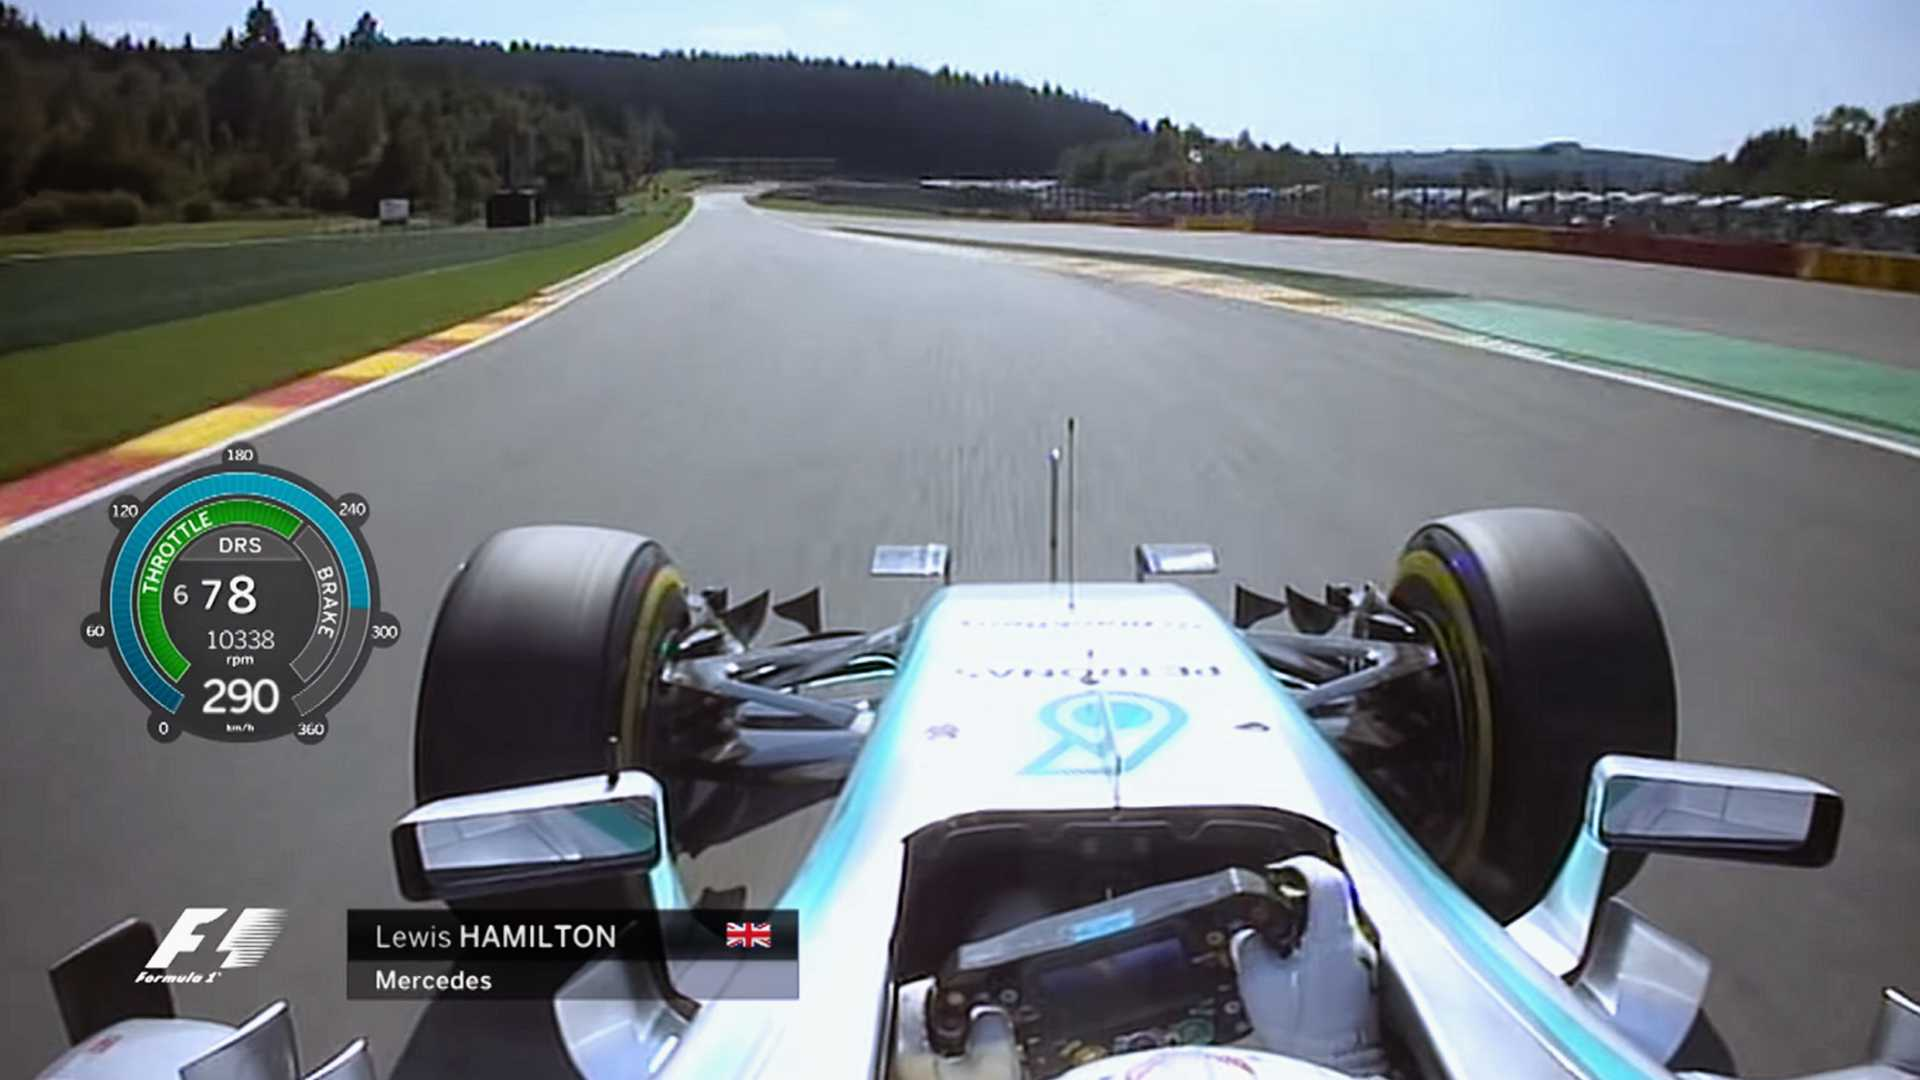 VN BELGIJE Circuit de Spa-Francorchamps Sektor 2 Slika 2